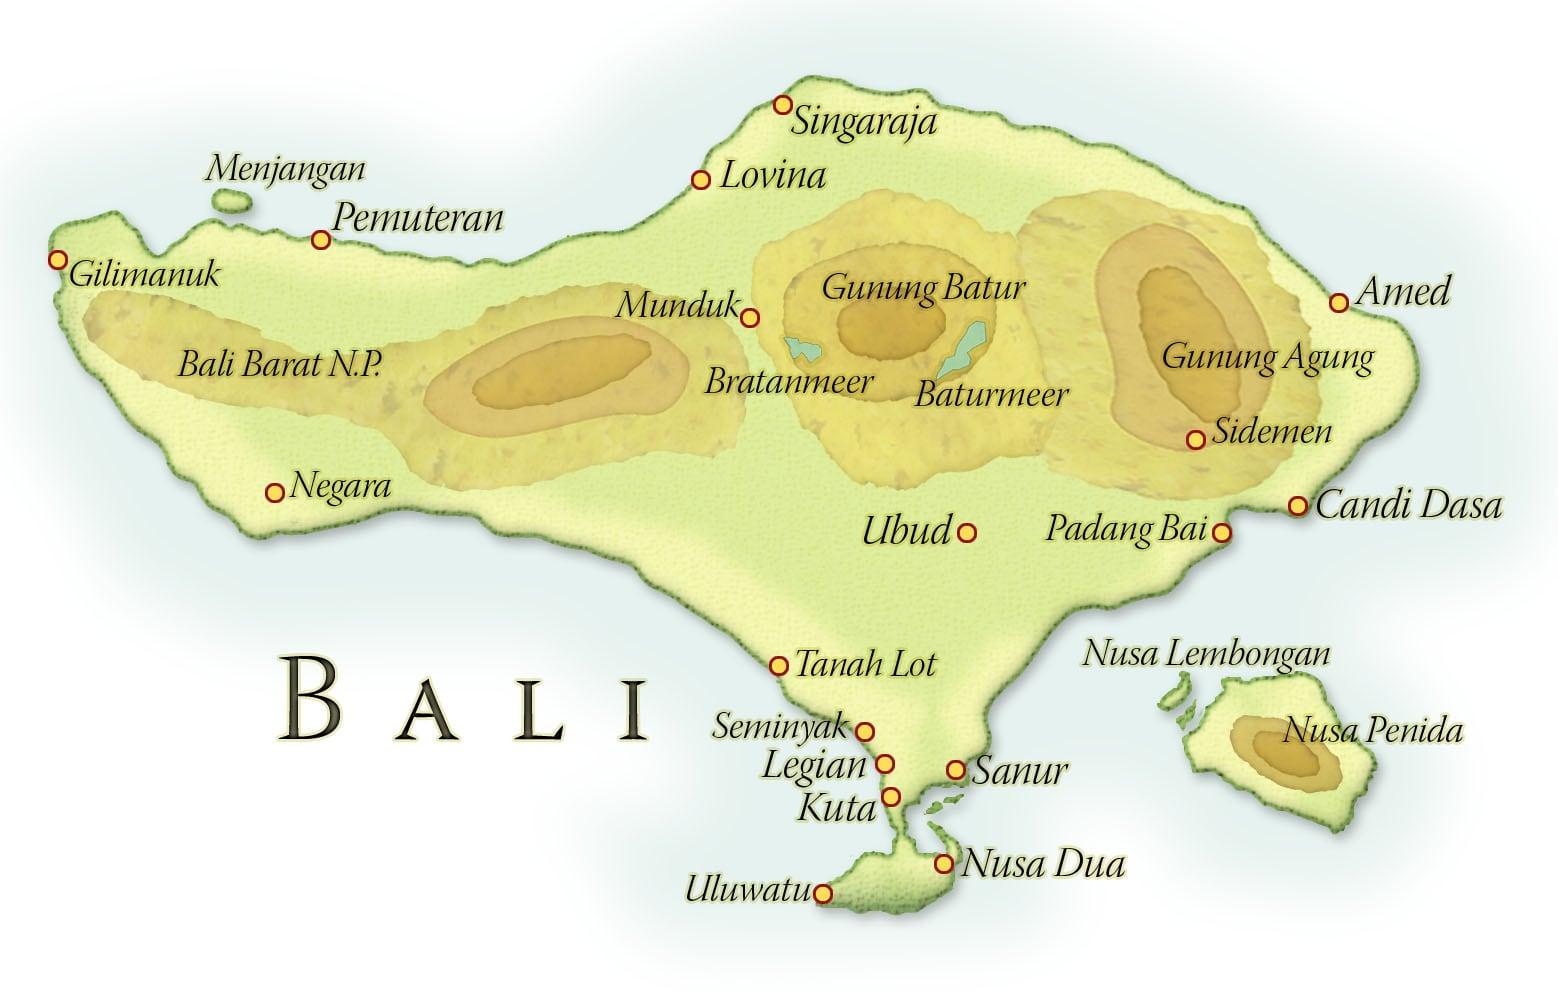 Landkaart Java, Bali, Gili Trawangan en Singapore, juli-augustus 2017